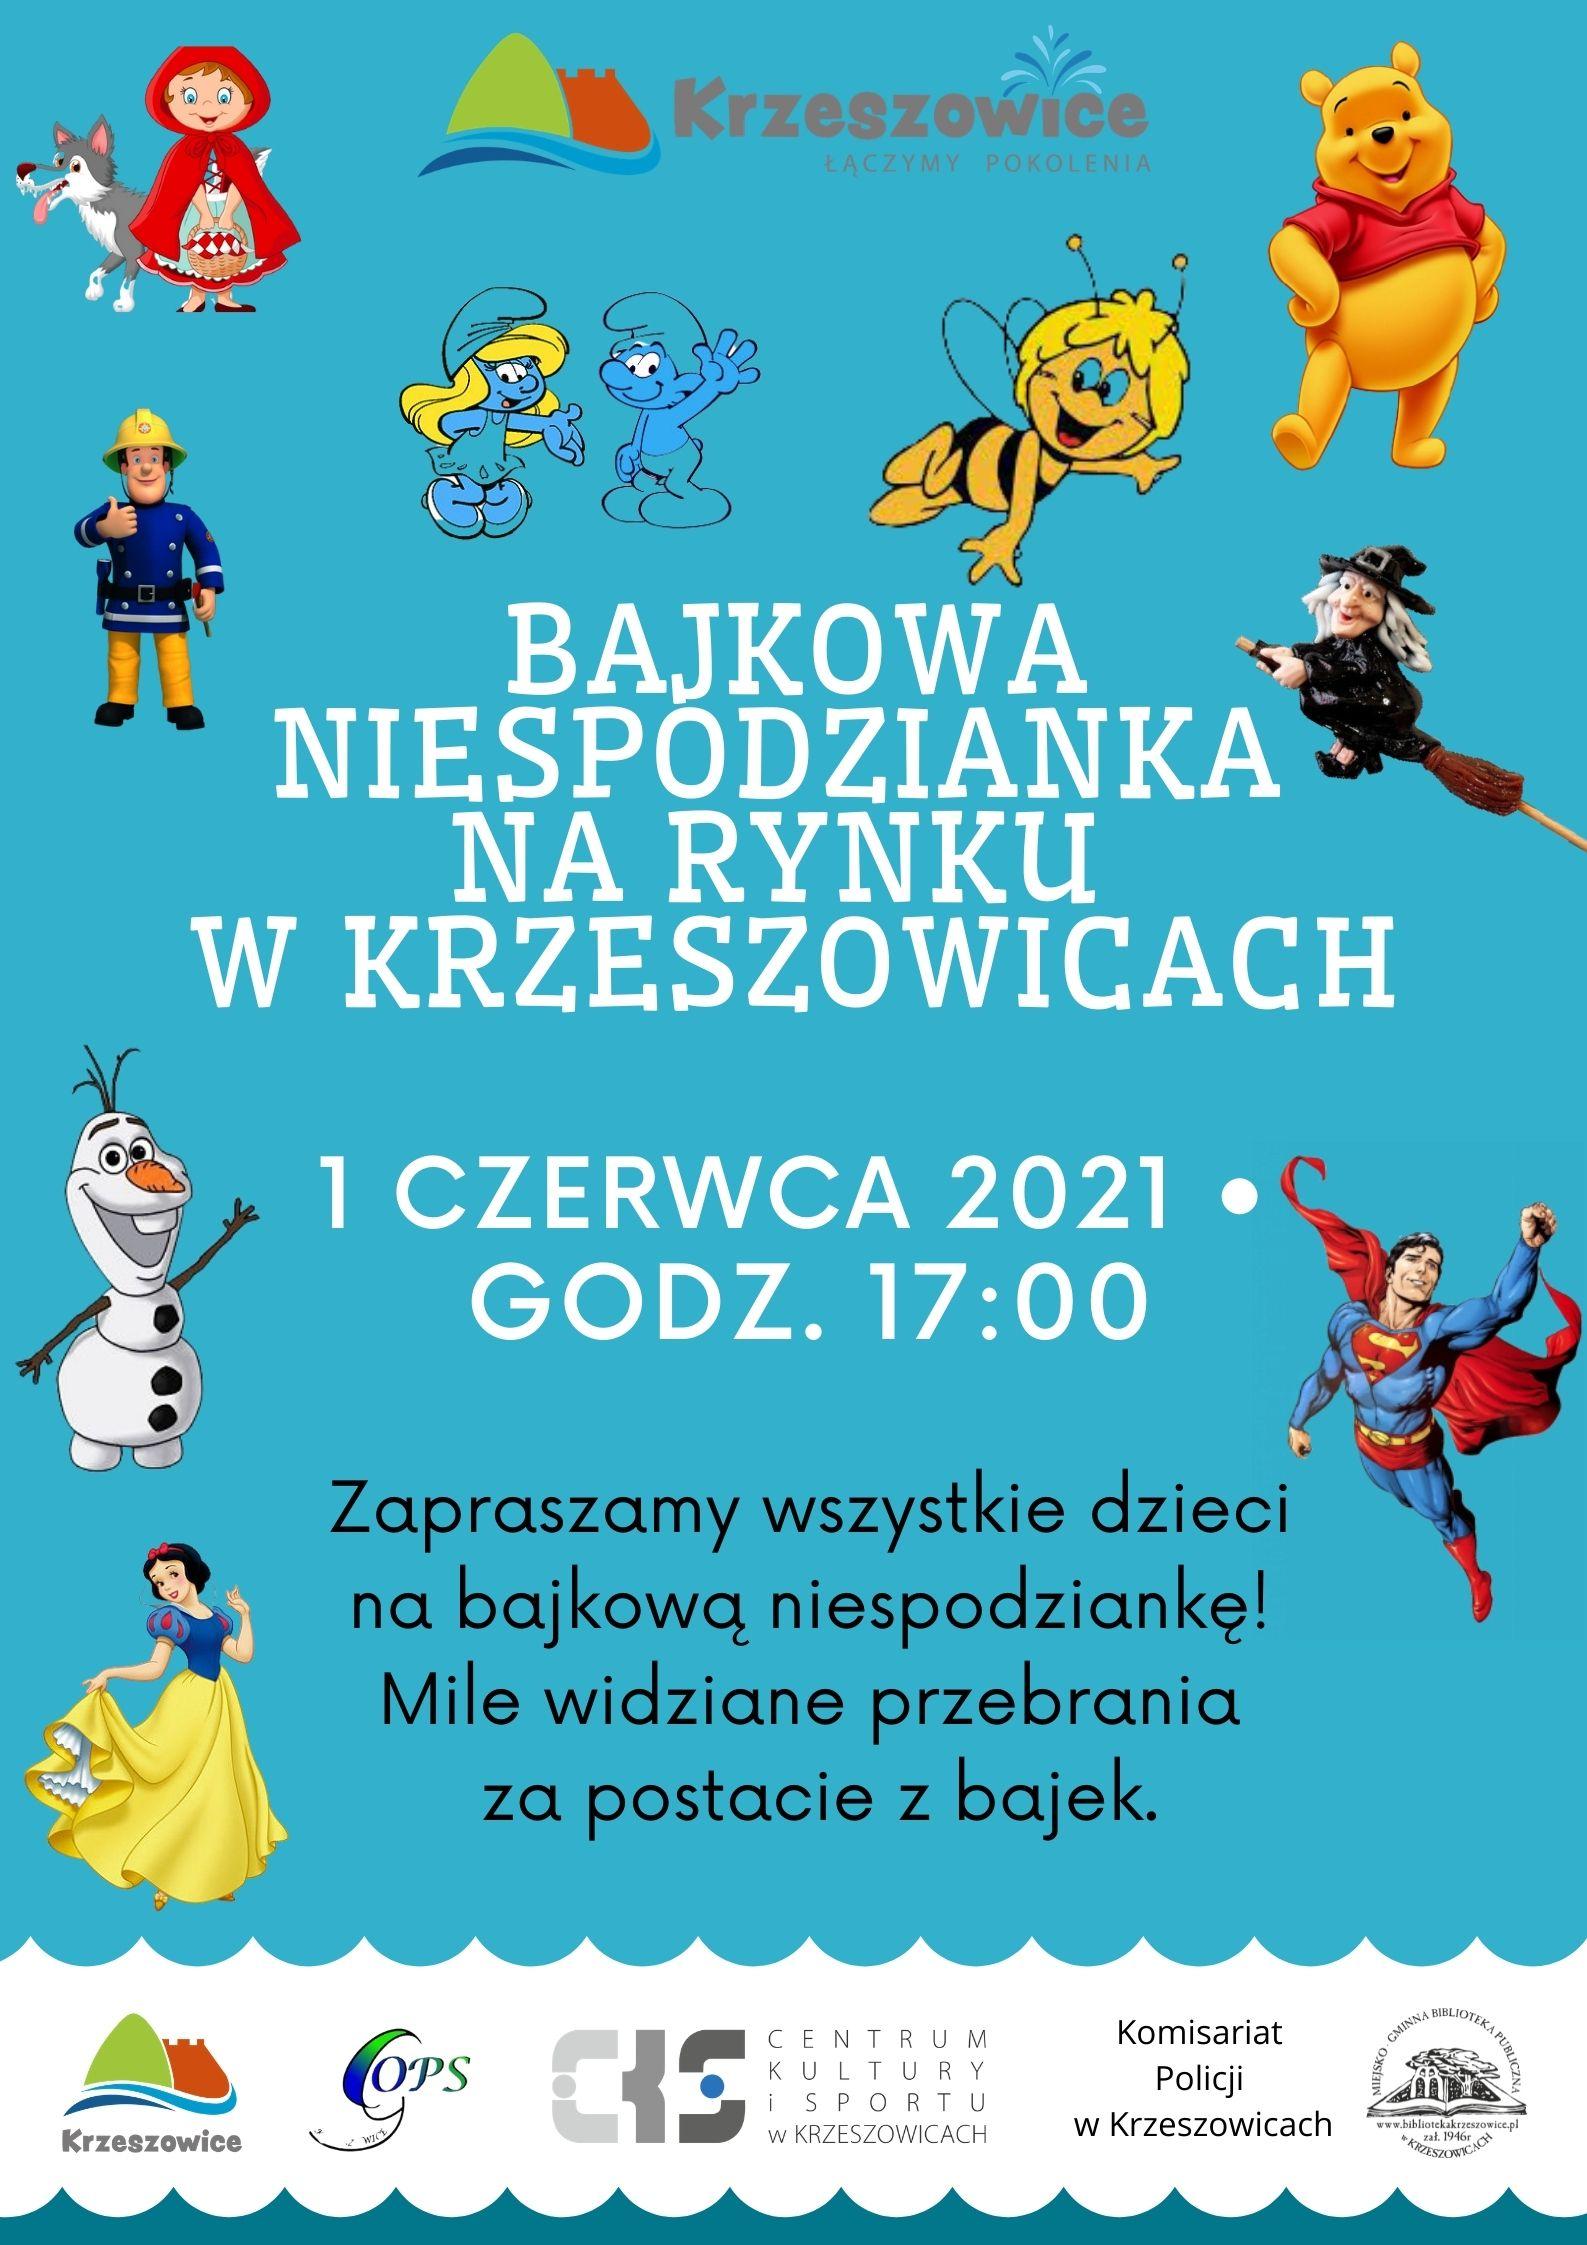 Plakat Niespodzianka w Krzeszowicach